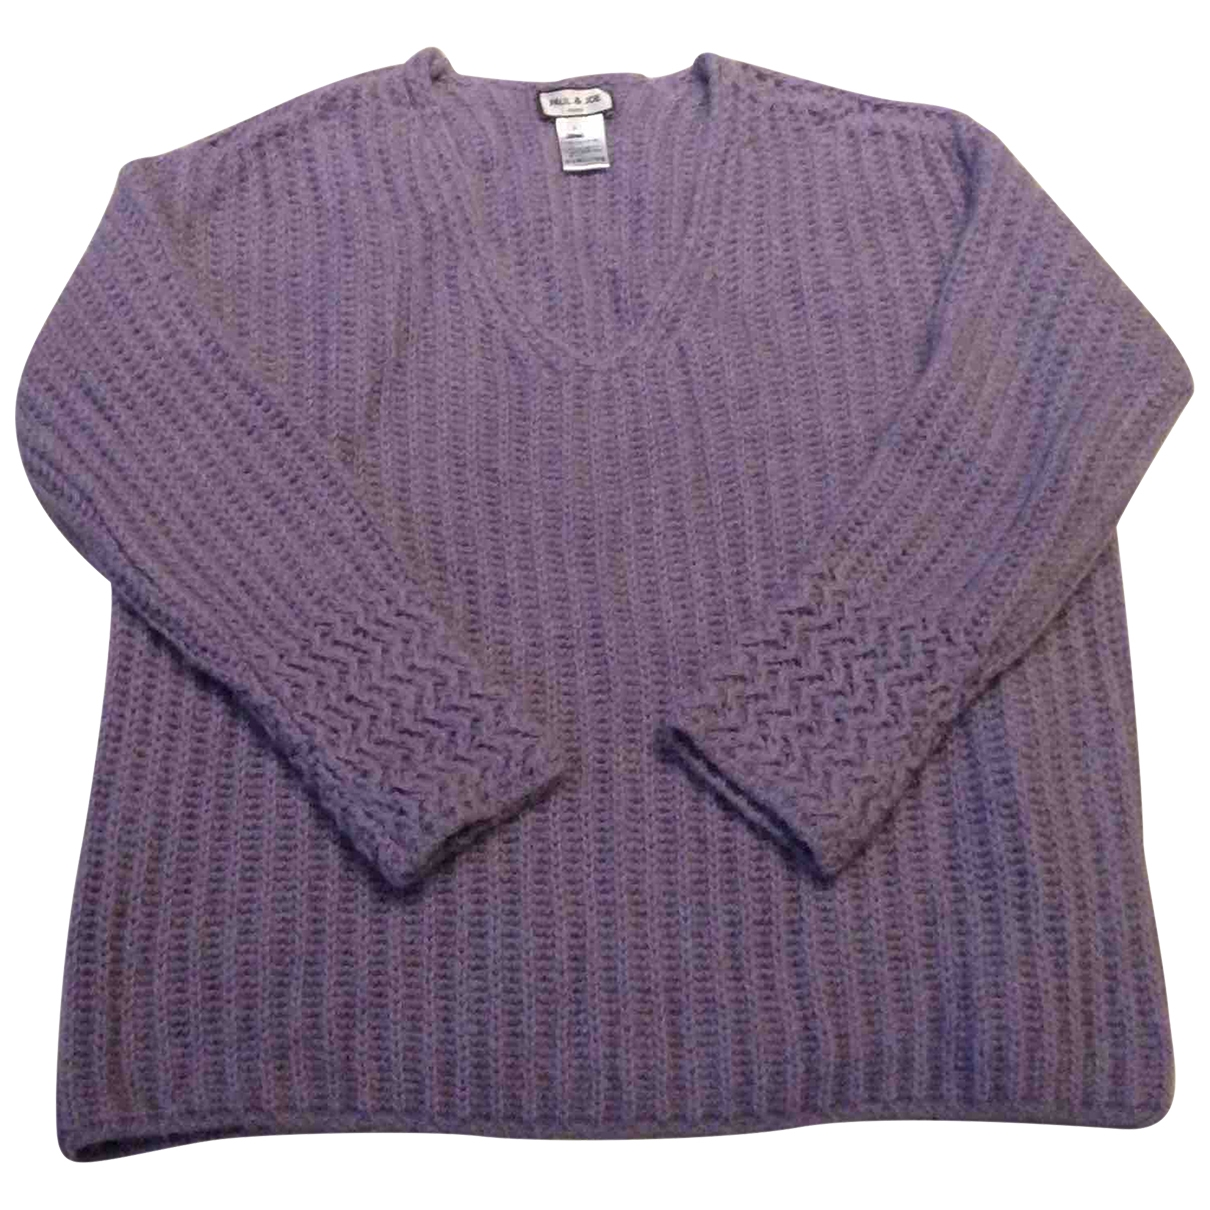 Paul & Joe \N Purple Knitwear for Women 4 0-5